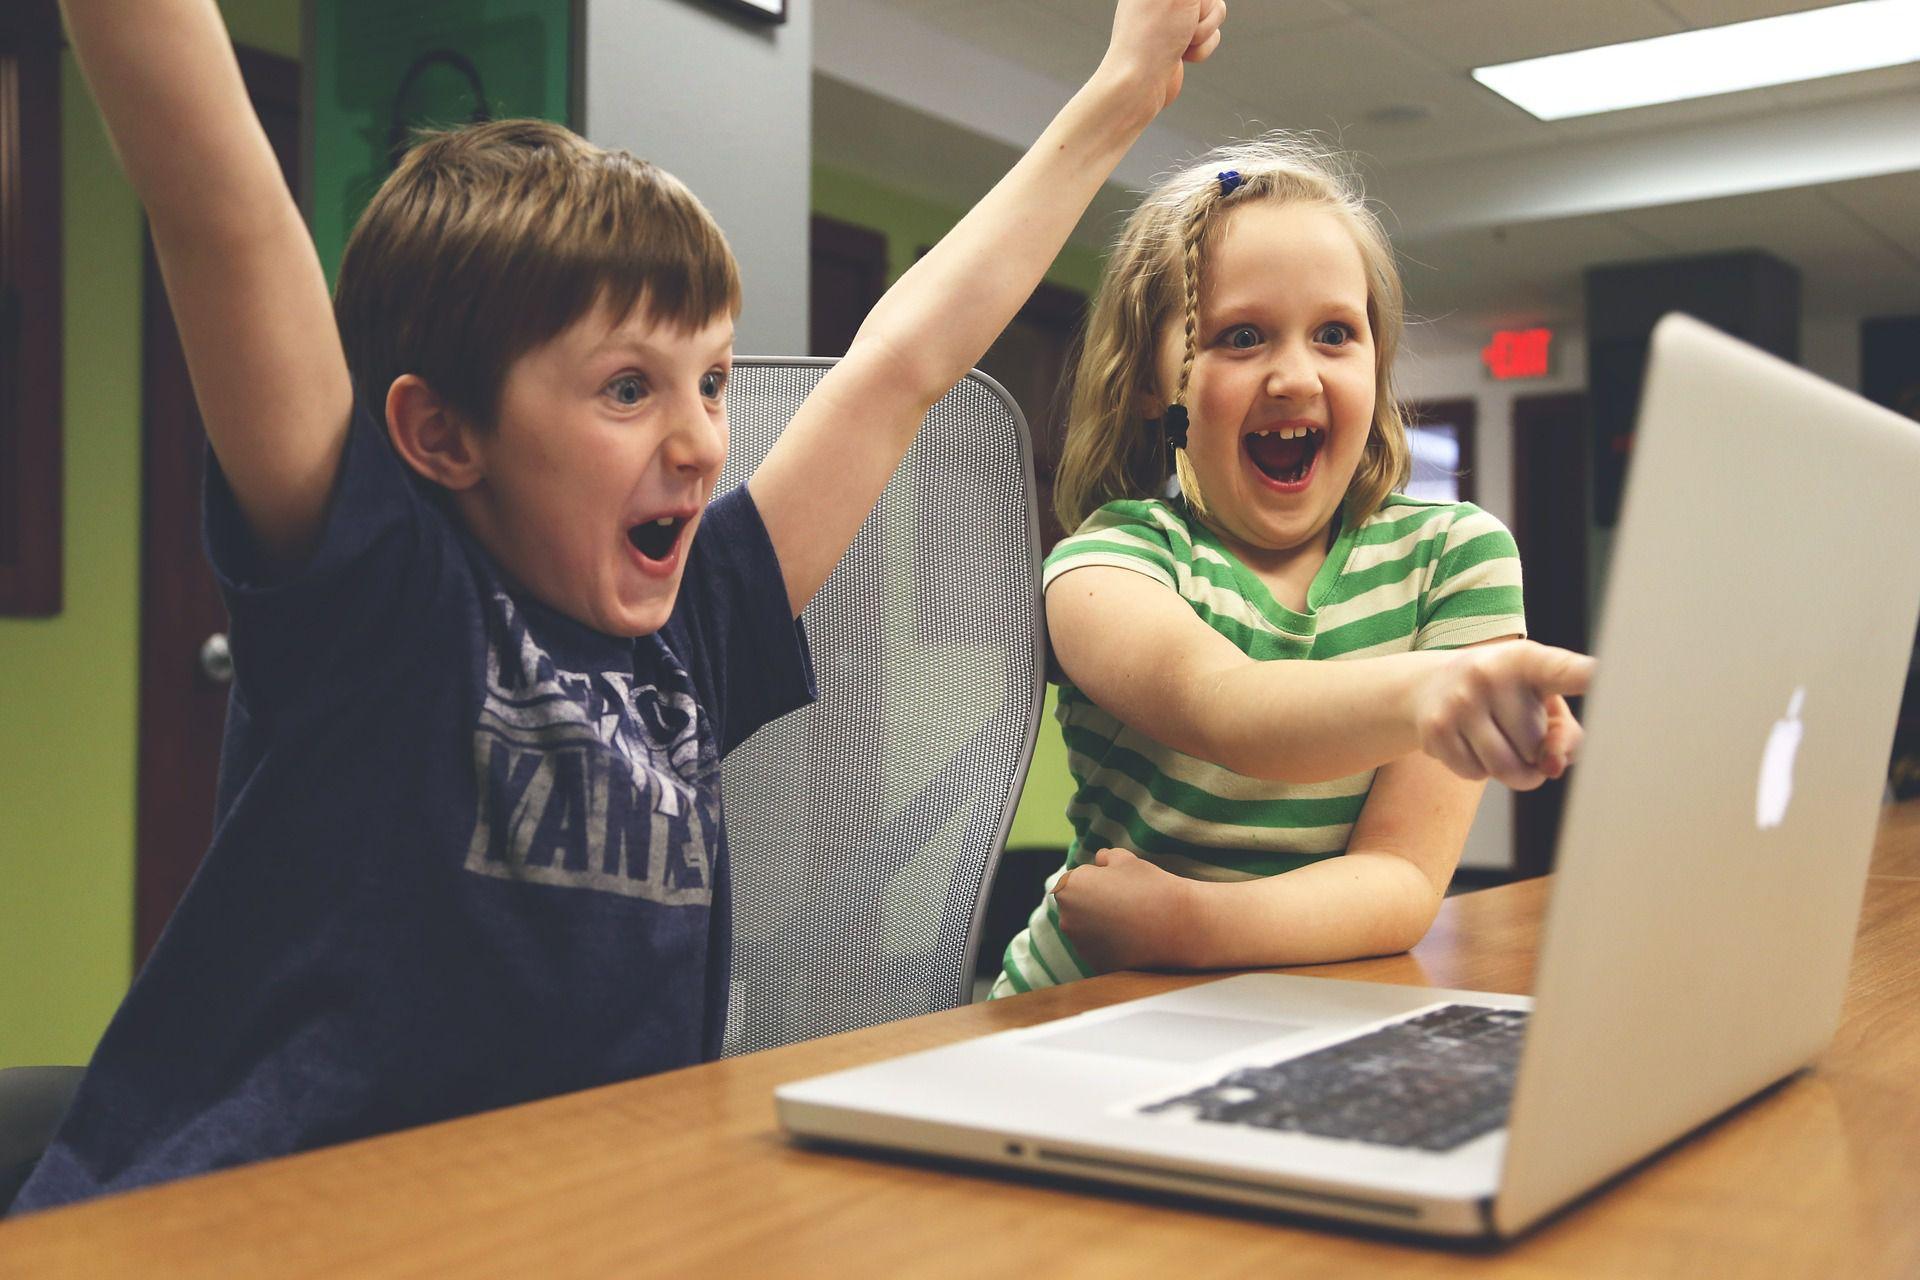 あなたも Boot Tech Programming School でプログラミングをスタートしてみませんか?